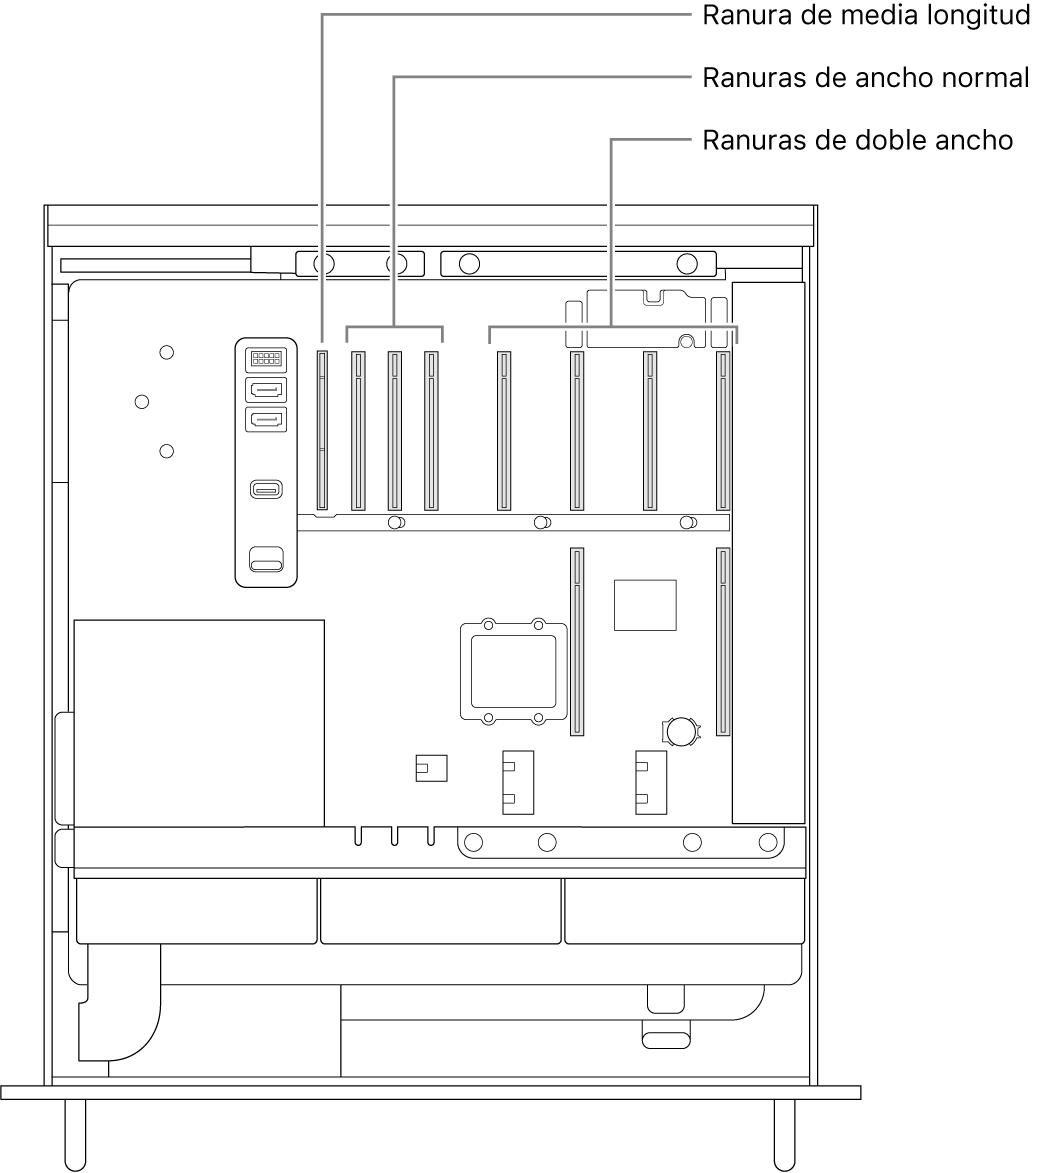 Vista lateral de la Mac Pro abierta con indicaciones mostrando dónde se ubican las cuatro ranuras de doble ancho, las tres de ancho normal y la de media longitud.